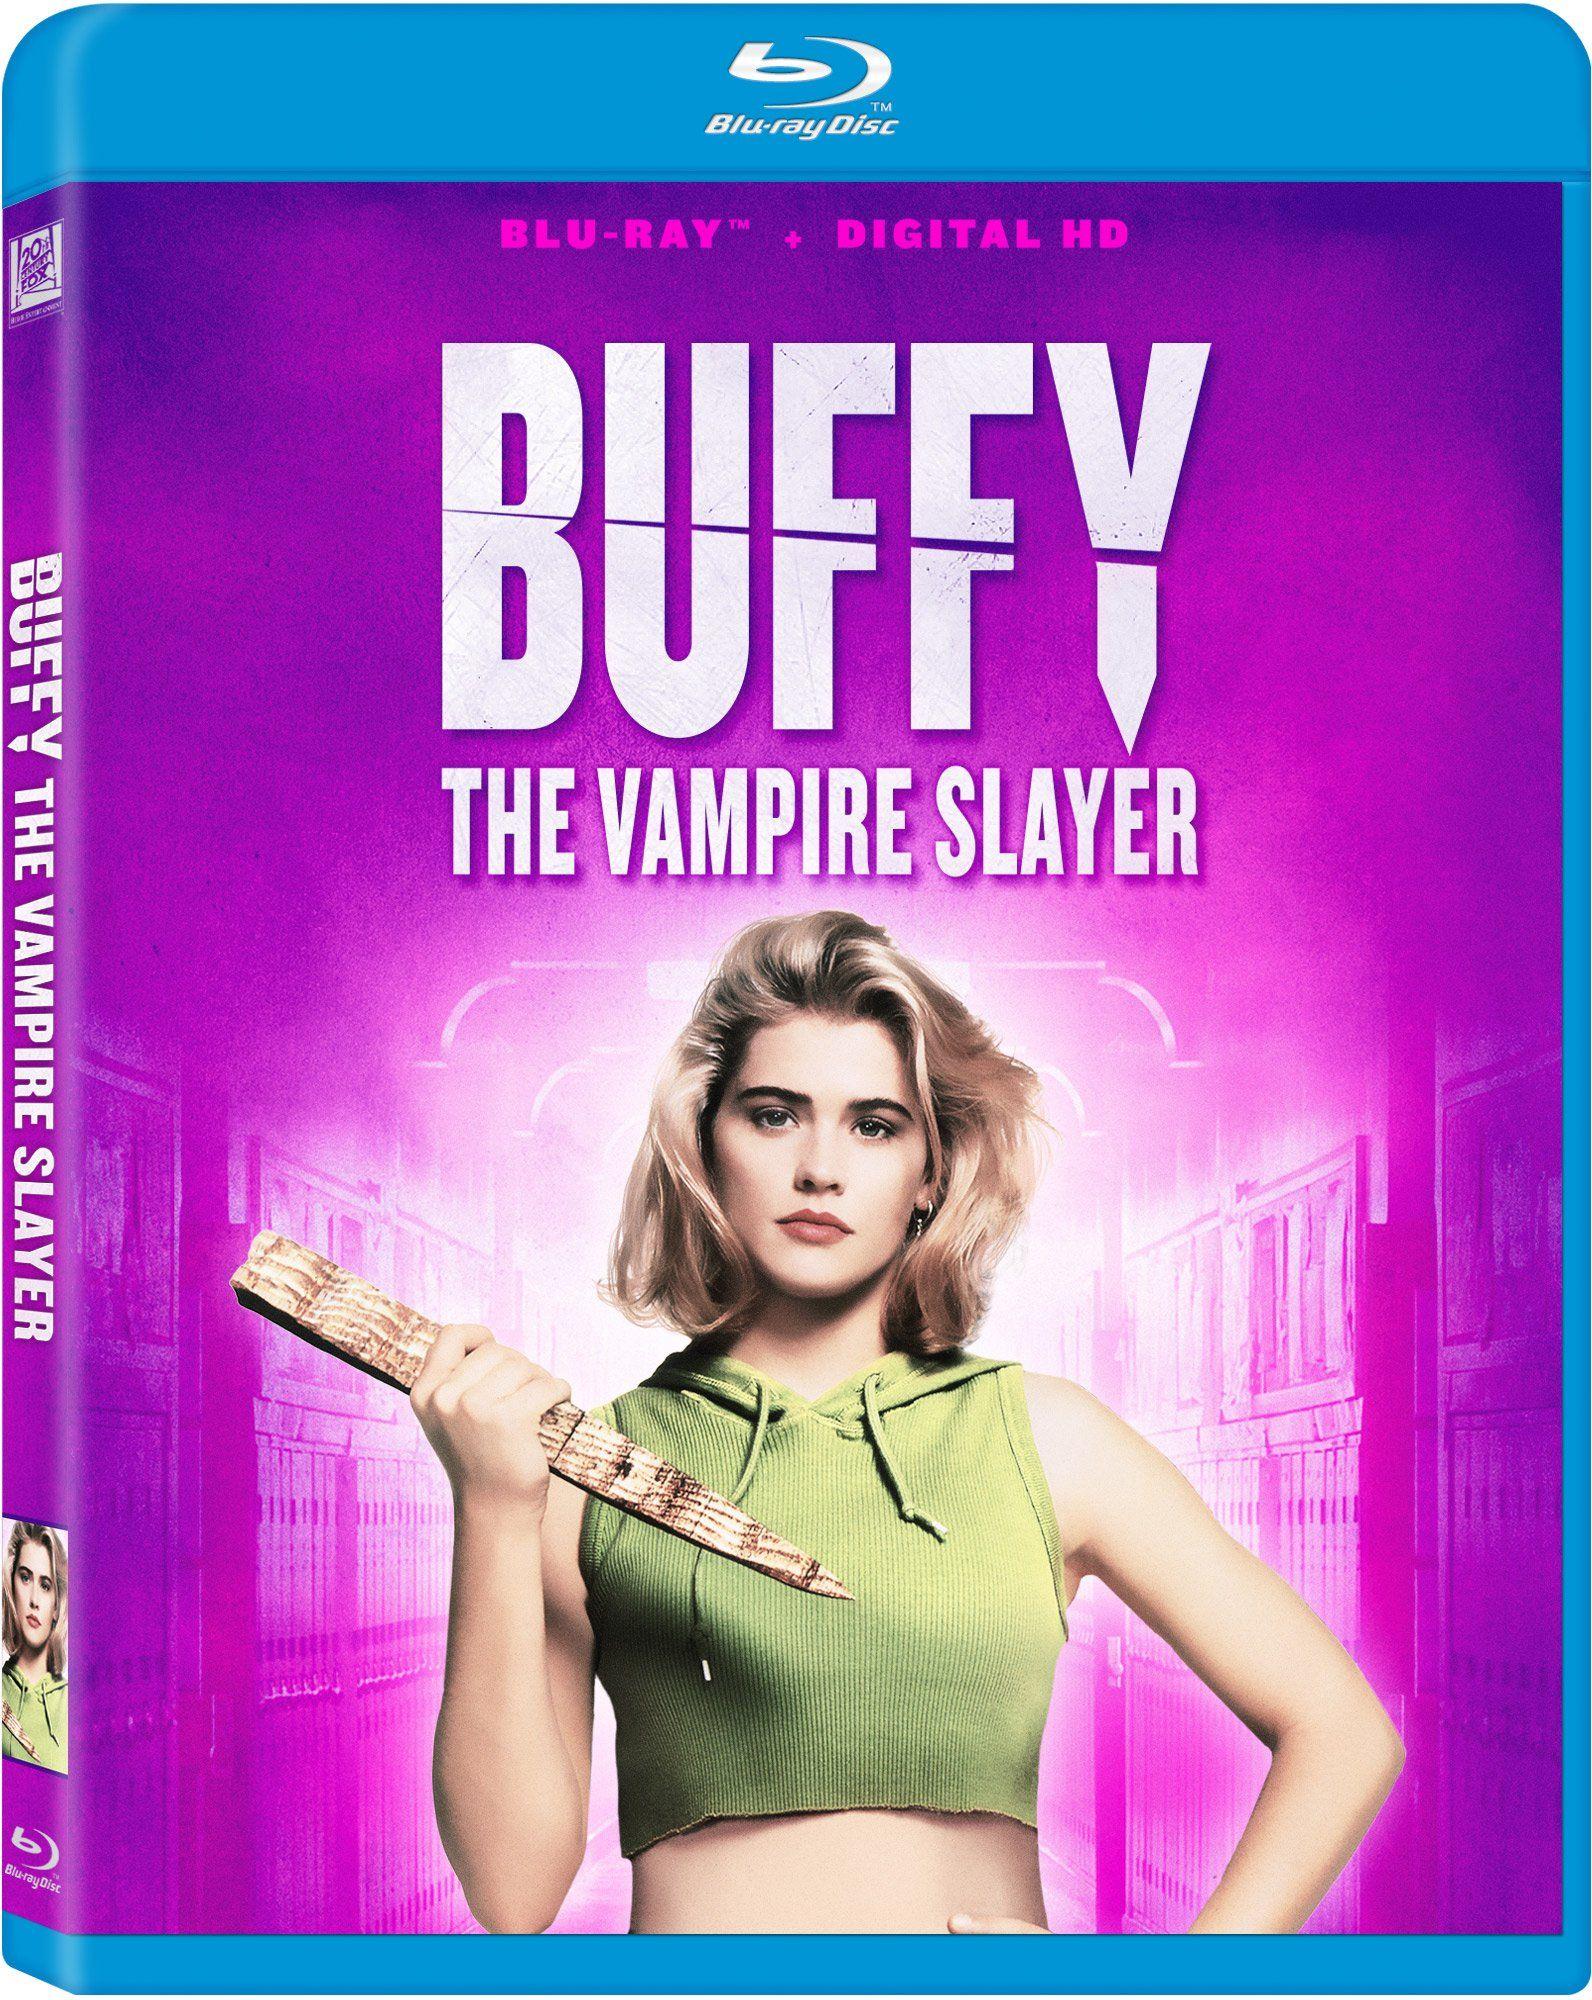 Buffy The Vampire Slayer 25th Anniversary Edizione Stati Uniti Italia Blu Ray Anniversary Slayer Buffy Vampire Buffy La Cazavampiros Buffy Peliculas